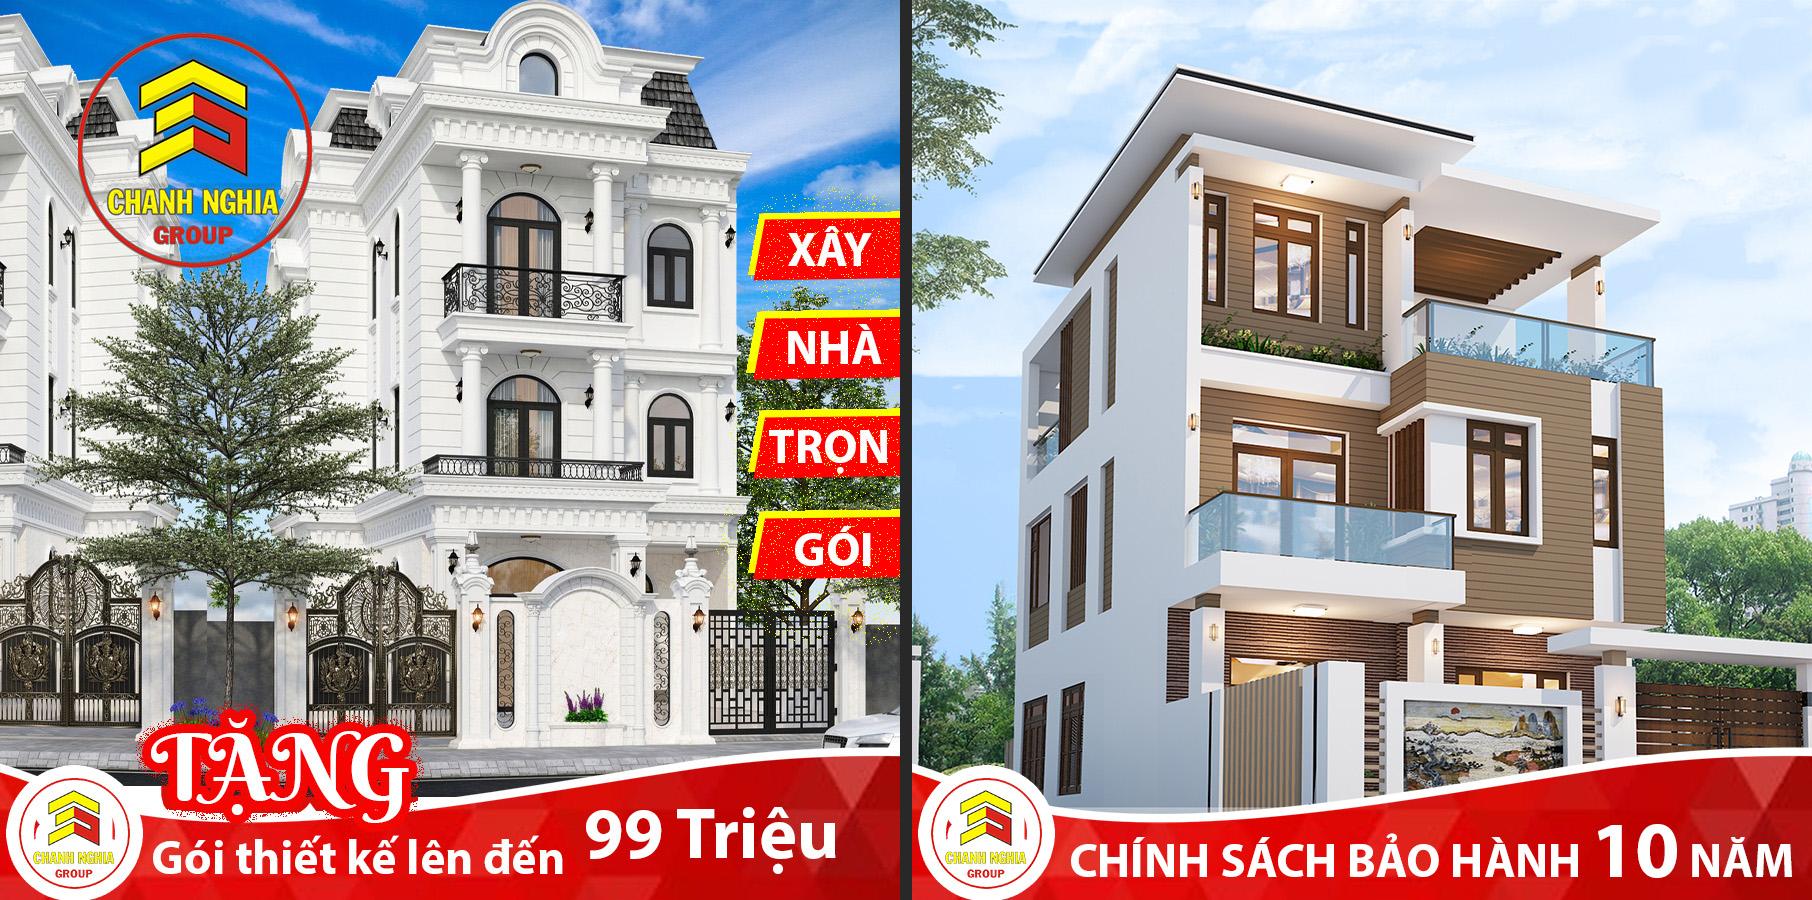 NHA PHO HINH NEN